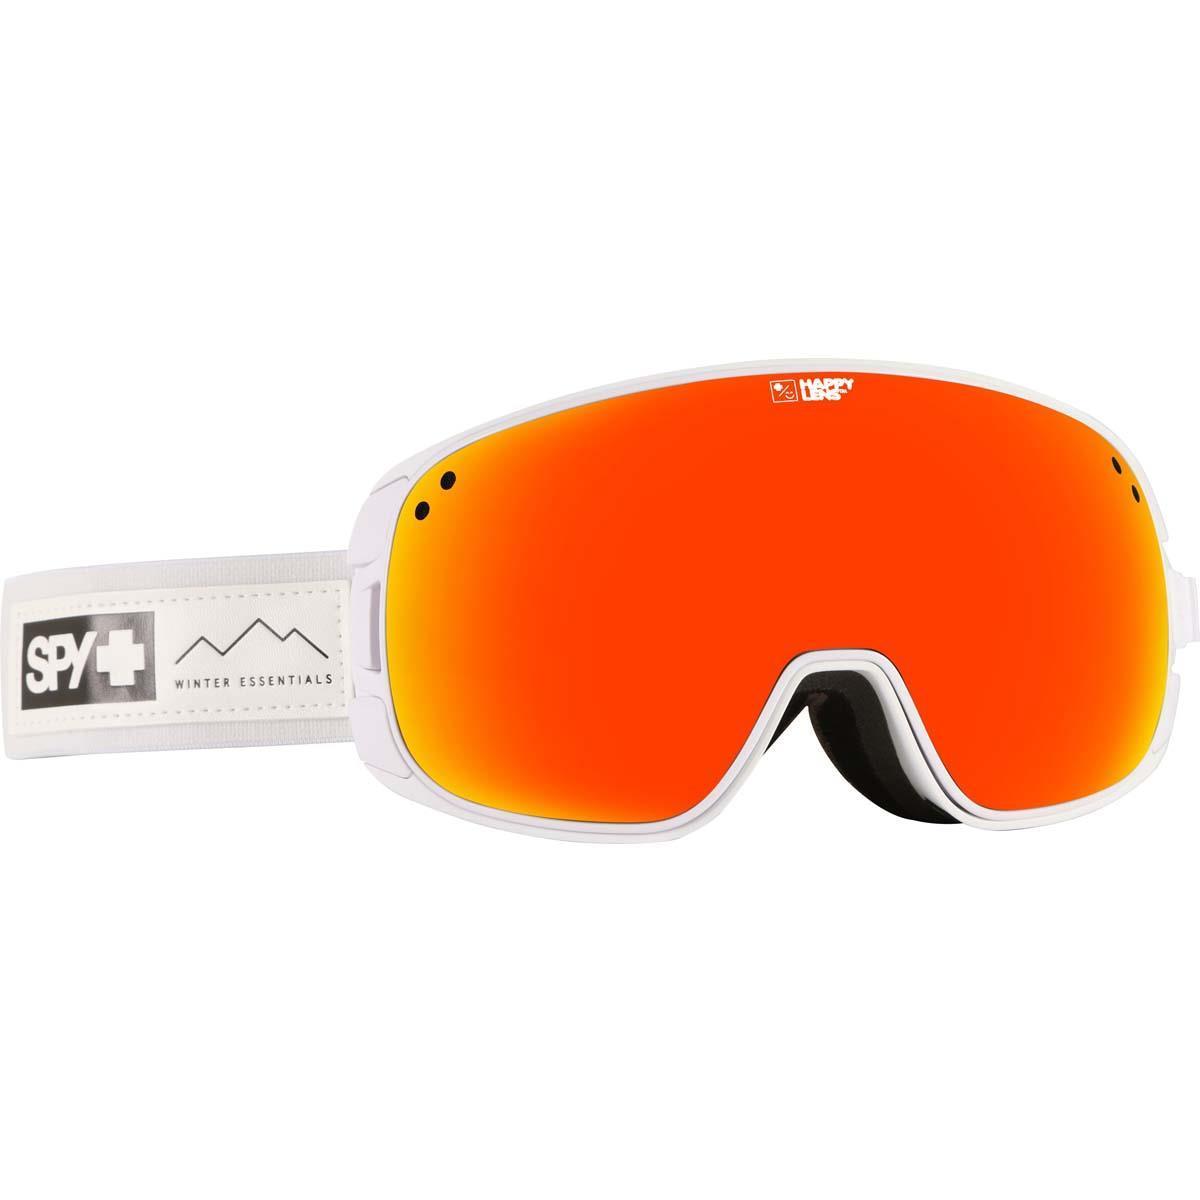 b531c63255 Spy Bravo Goggle